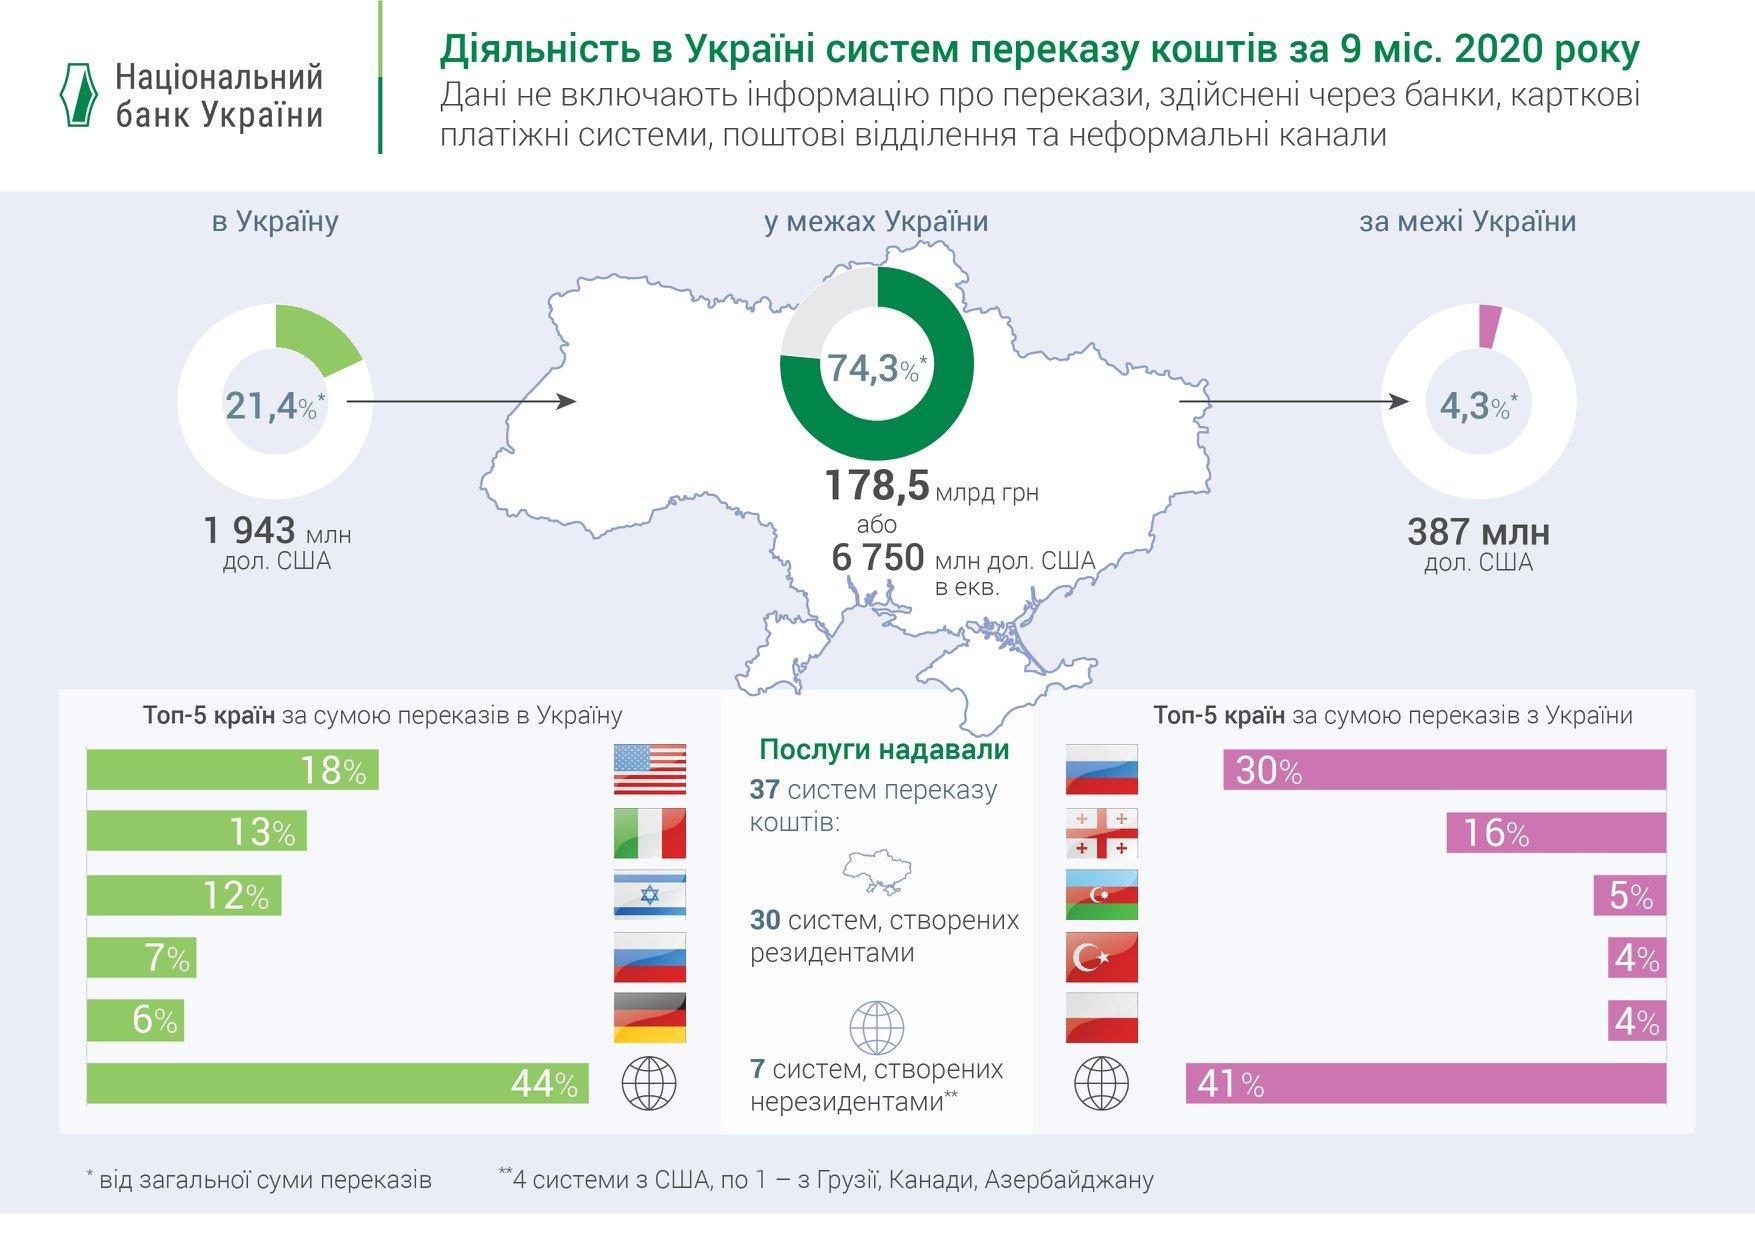 НБУ назвал крупнейших получателей денежных переводов из Украины